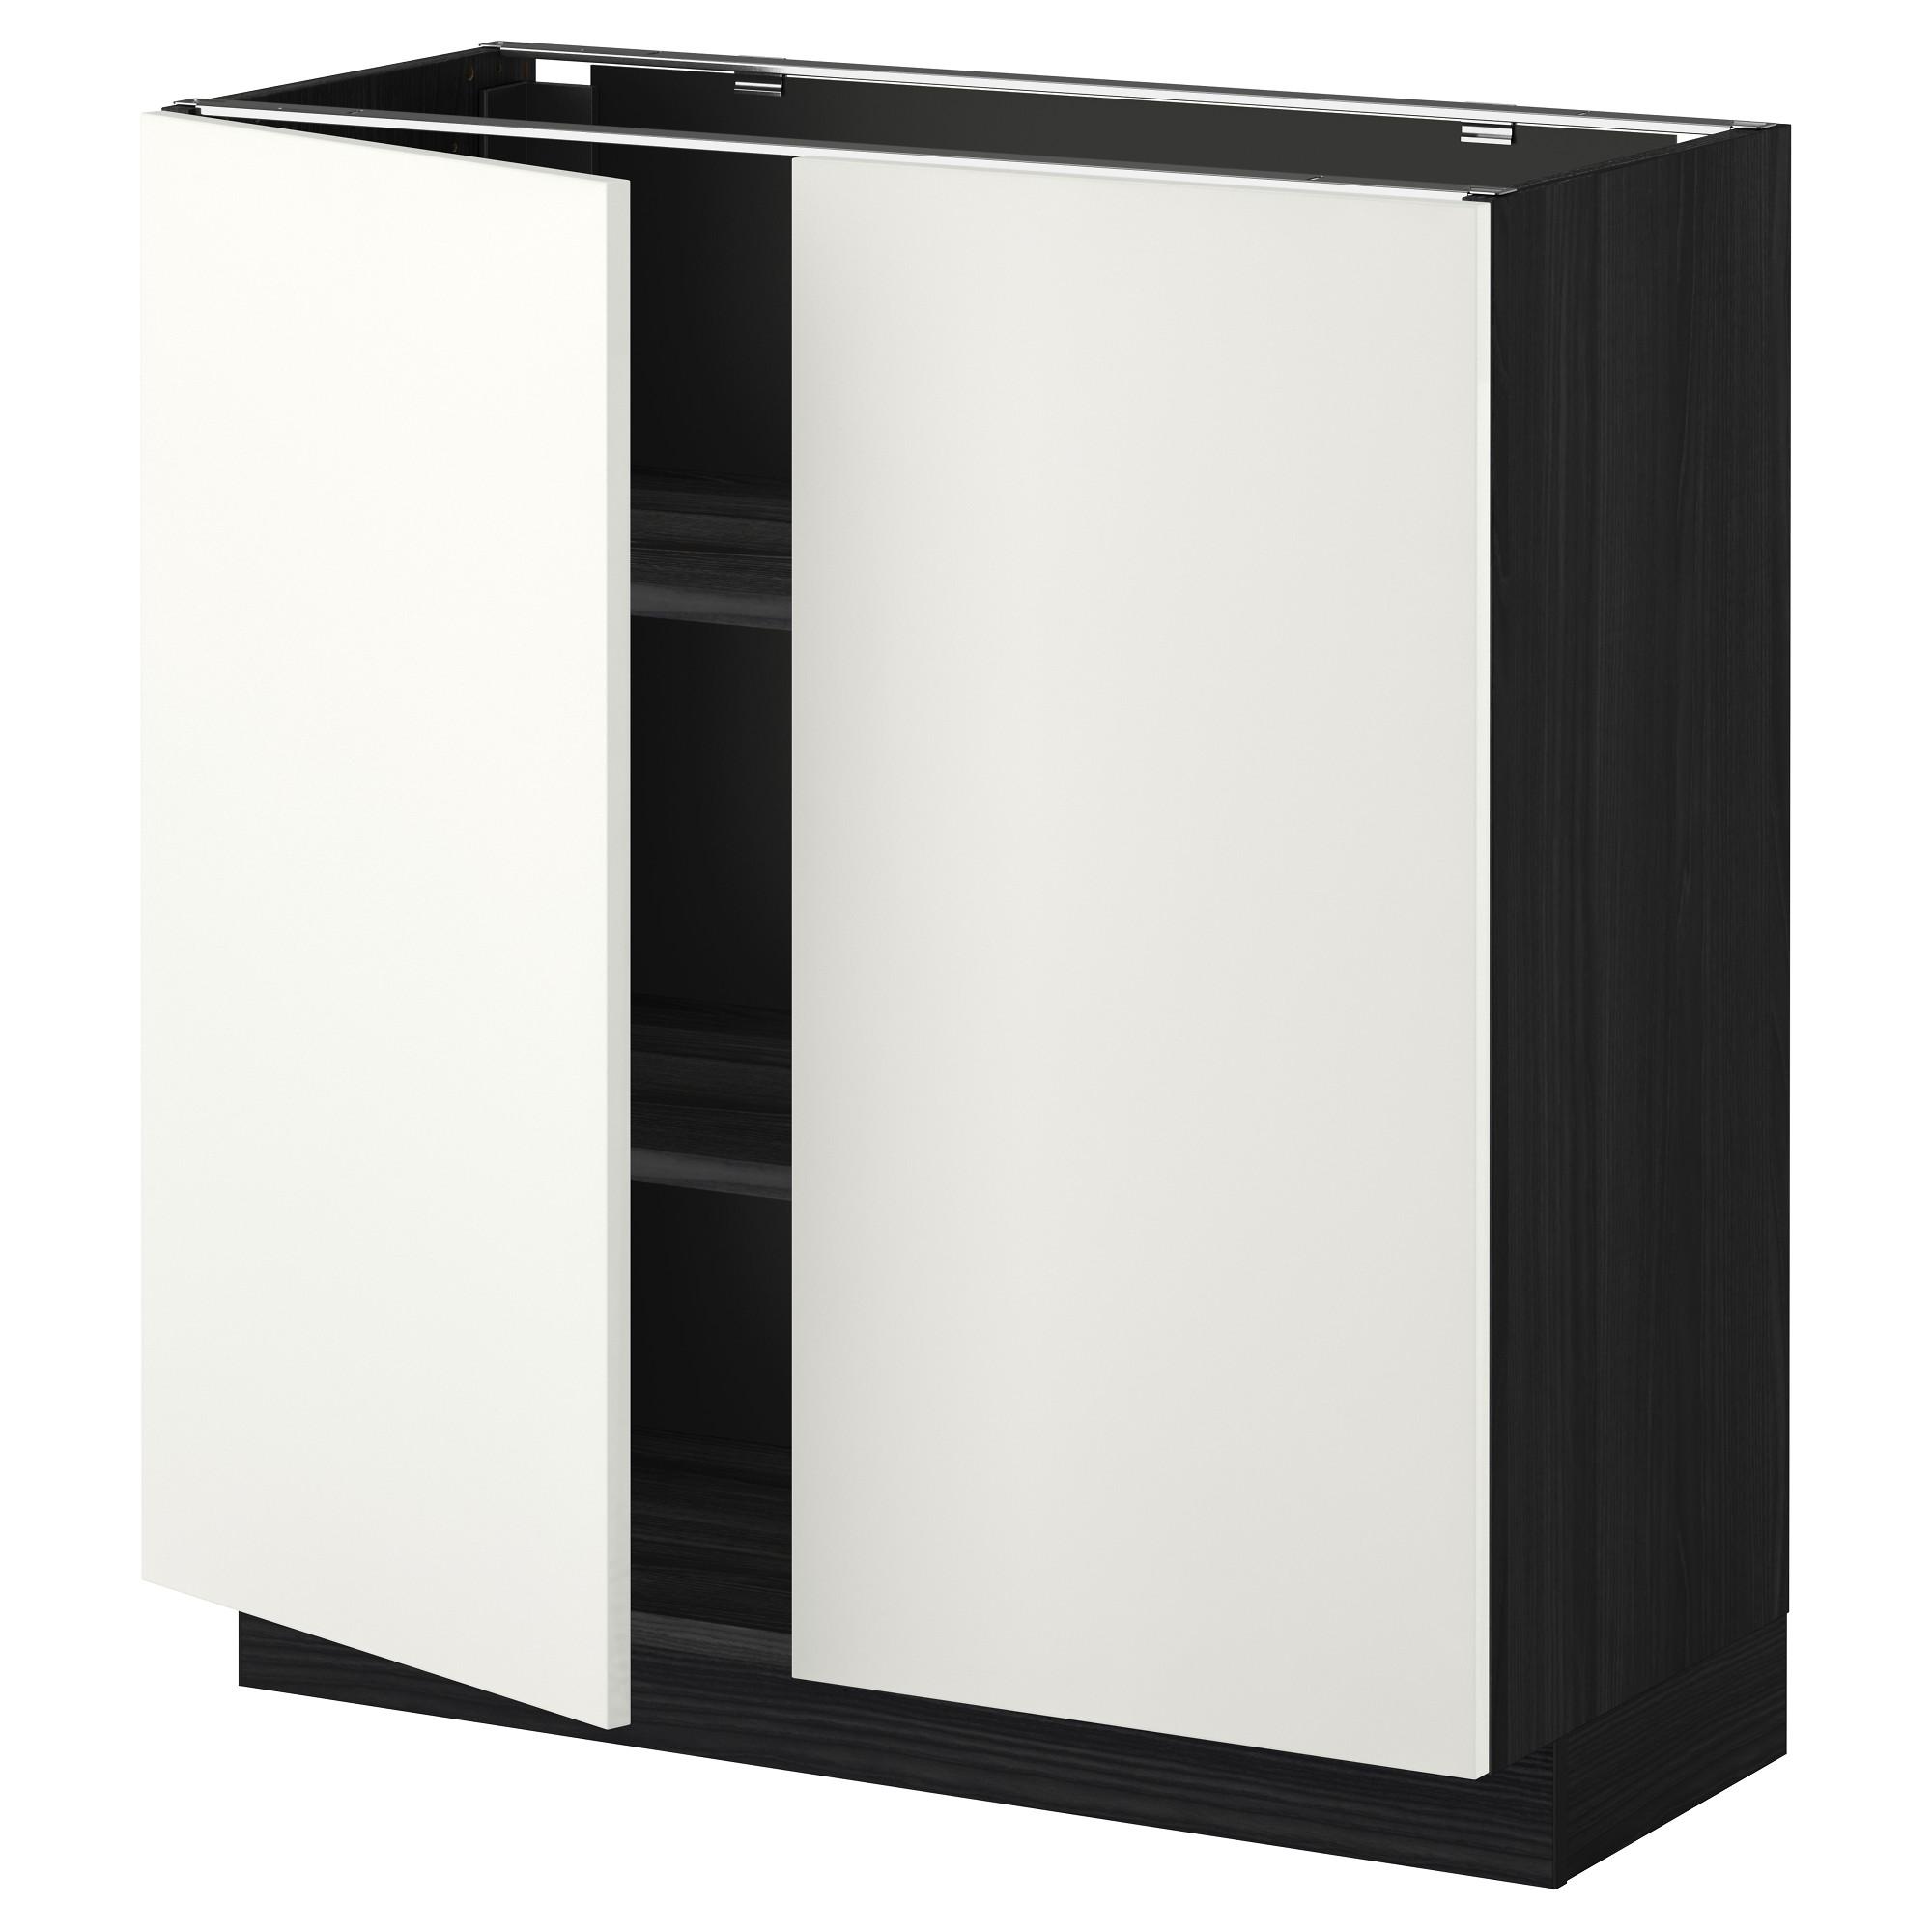 Напольный шкаф с полками, 2 двери МЕТОД черный артикуль № 892.261.28 в наличии. Интернет каталог IKEA Минск. Недорогая доставка и соборка.